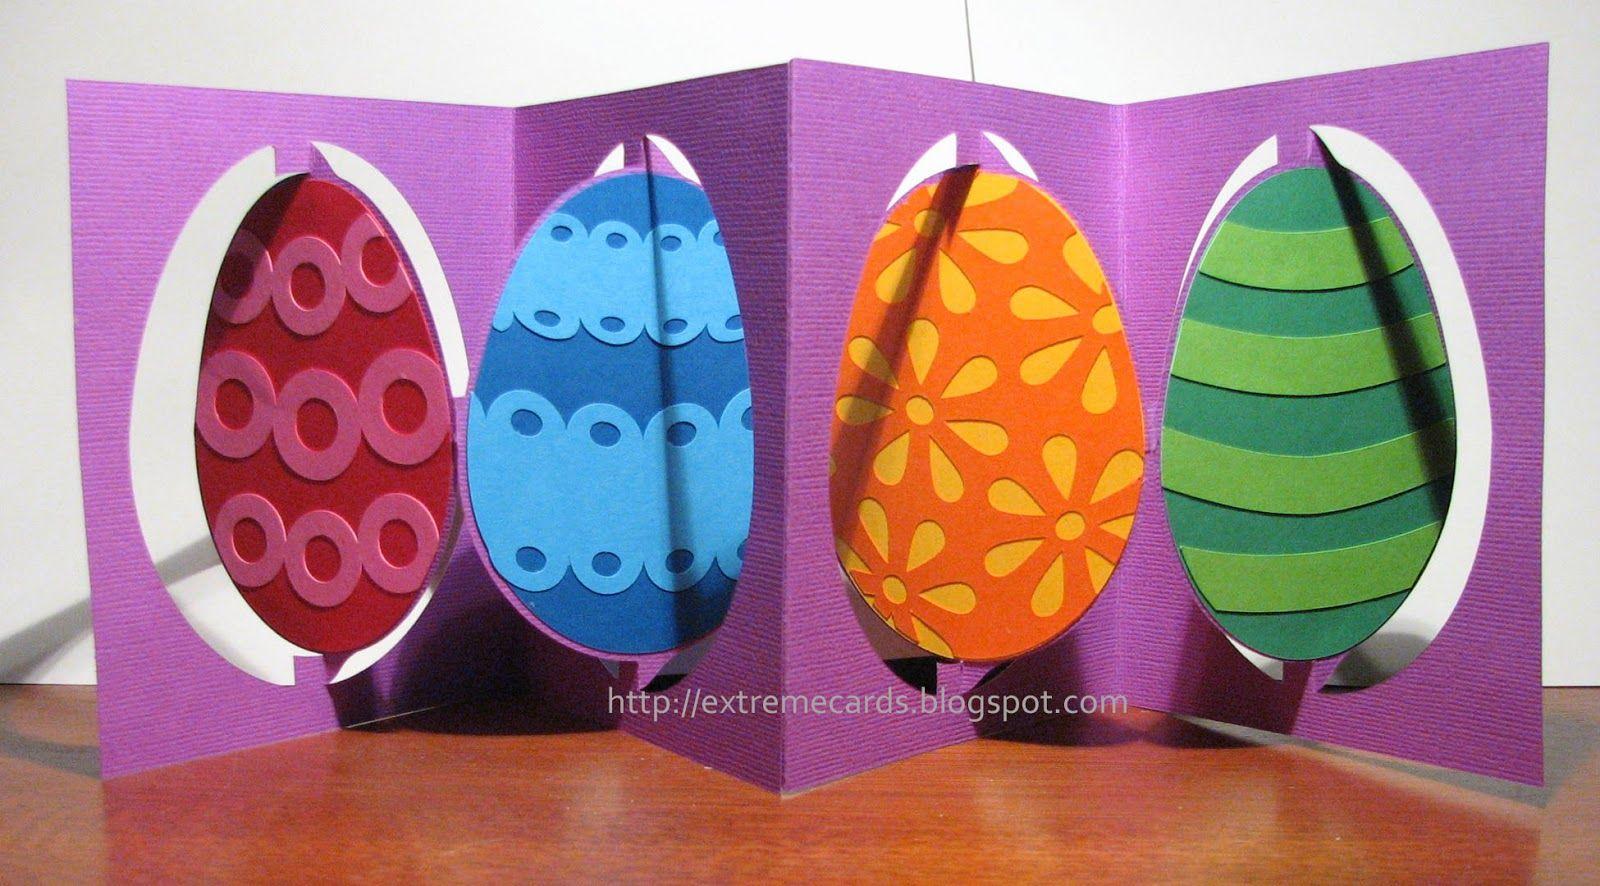 Люблю свою, как красиво сделать пасхальное яйцо открытку из цветной бумаги